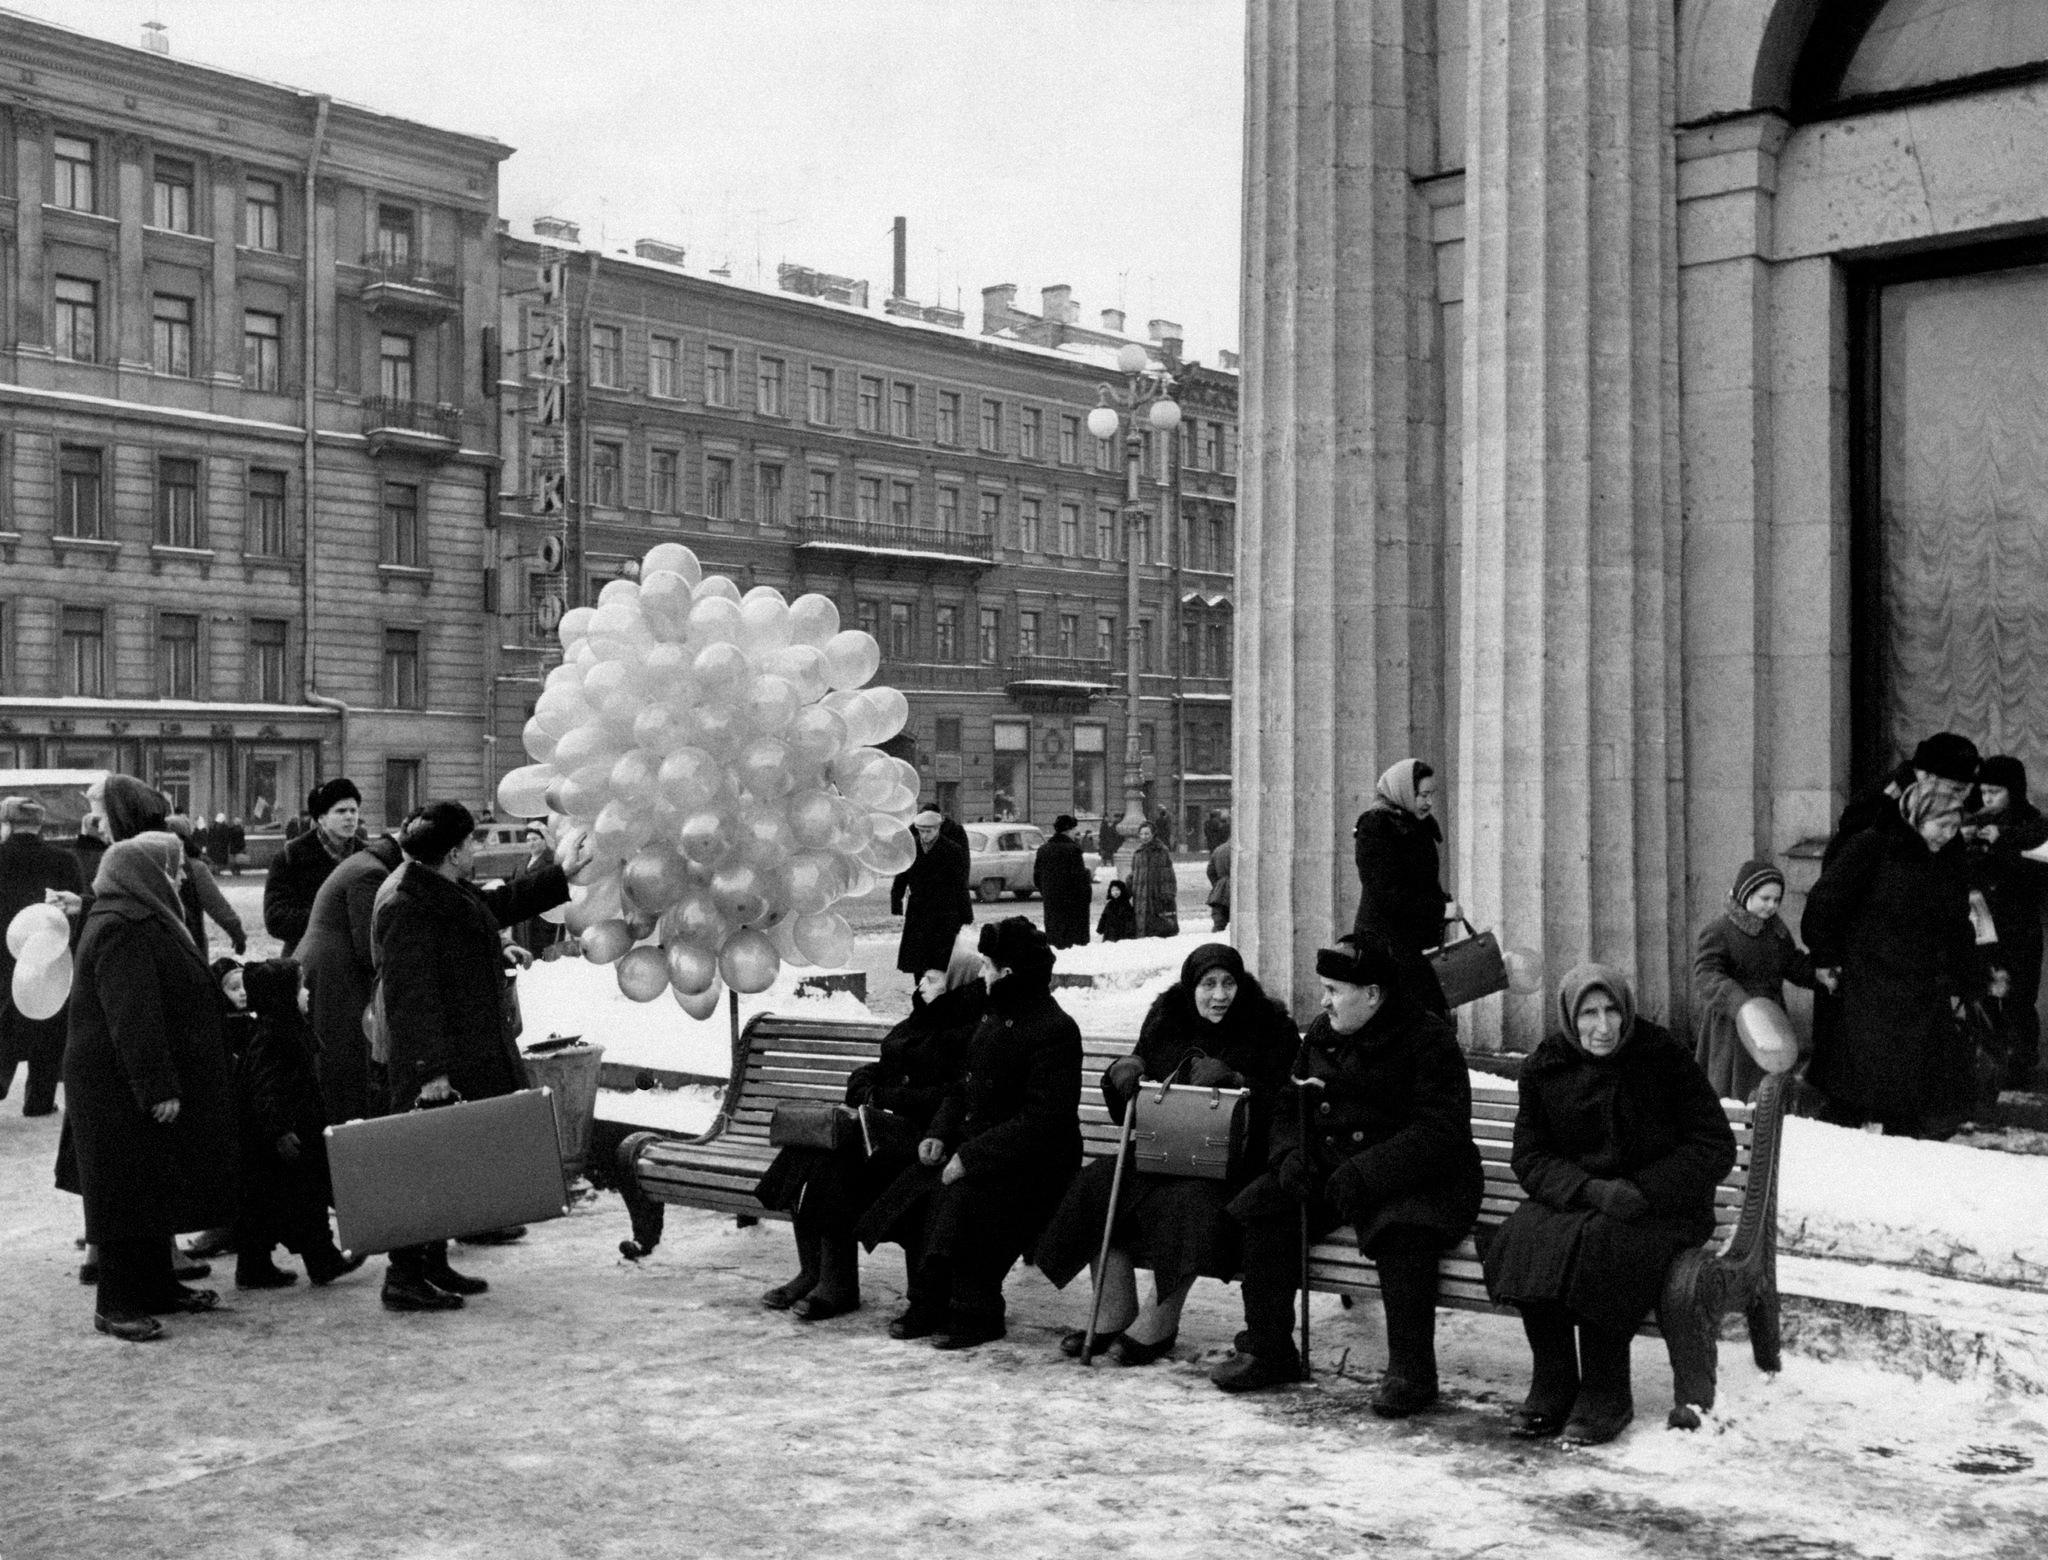 Продажа воздушных шариков у станции метро «Площадь Восстания».1